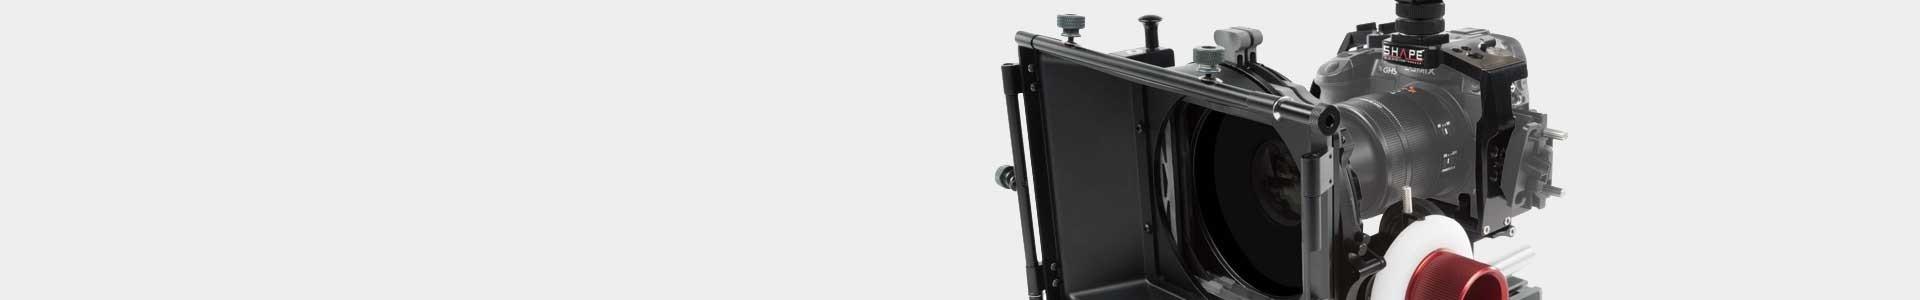 Accessori per le Fotocamere DSLR presso Avacab